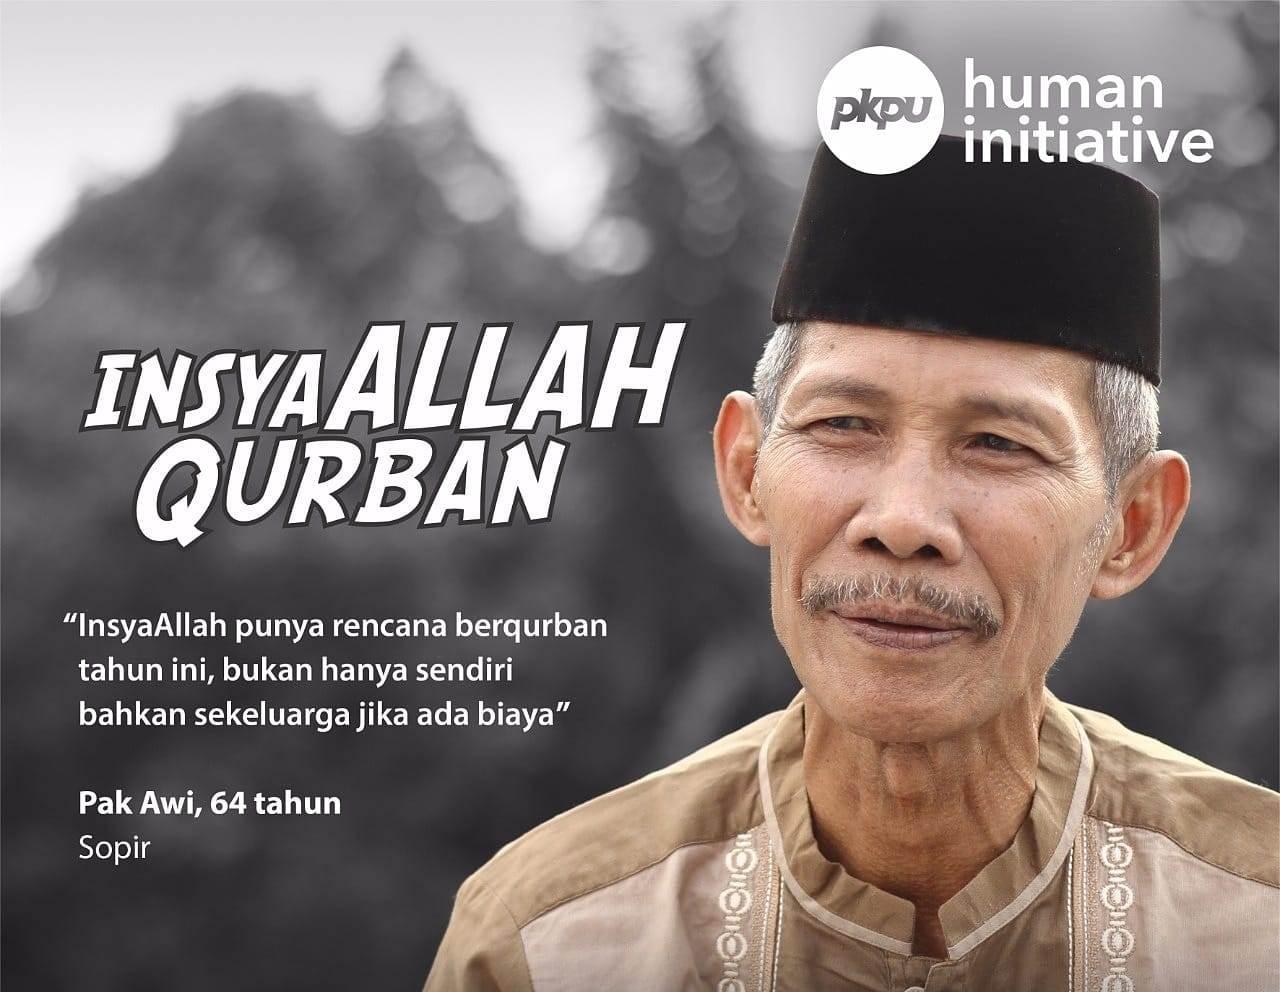 PKPU HI Targetkan 385.035 Penerima Manfaat Qurban di 2018